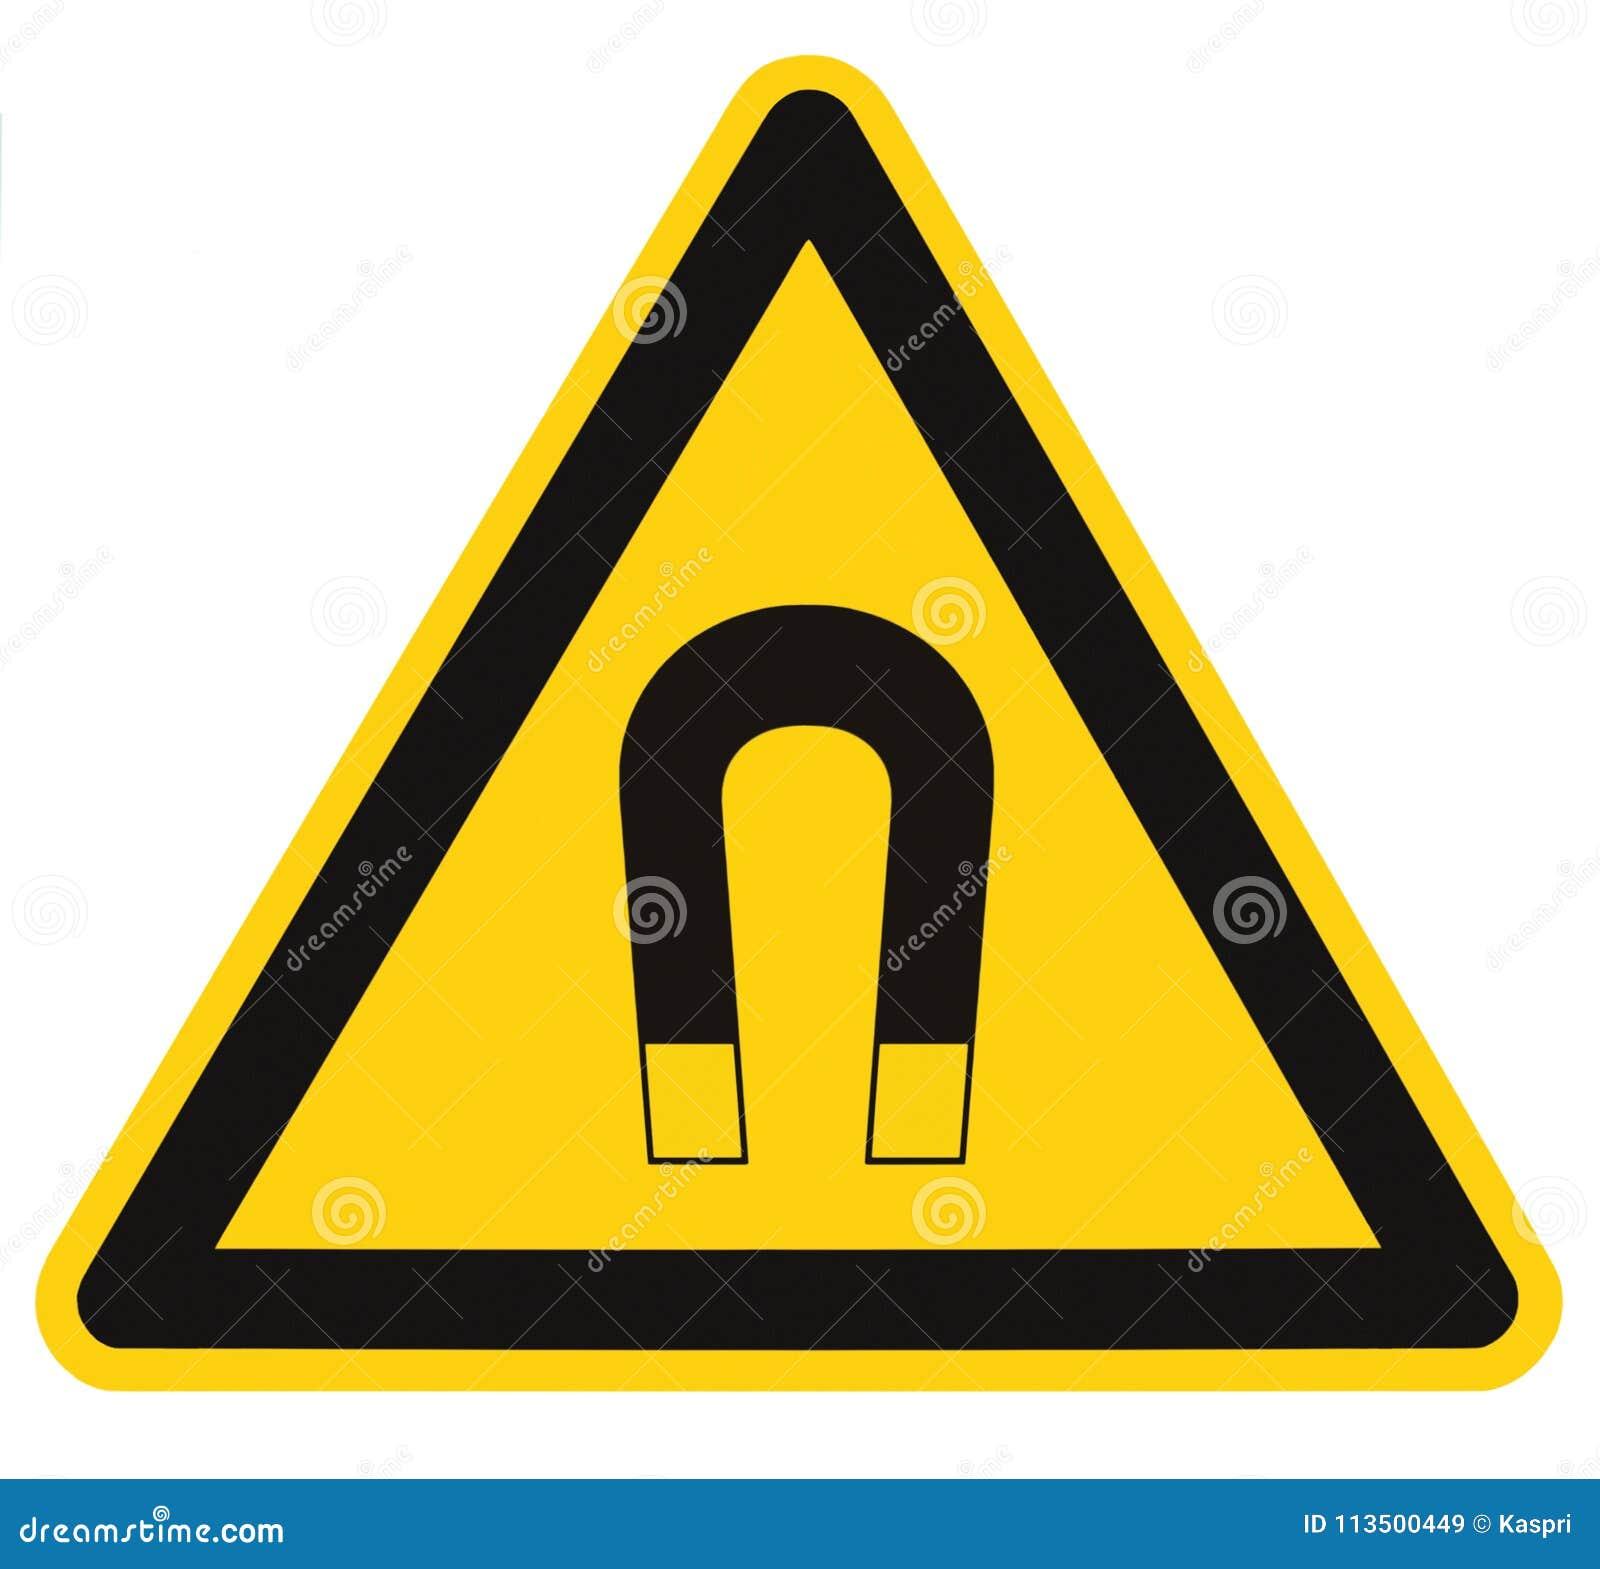 Etichetta isolata del segnale di pericolo del forte campo magnetico, concetto di rischio del pericolo di attenzione di cautela di